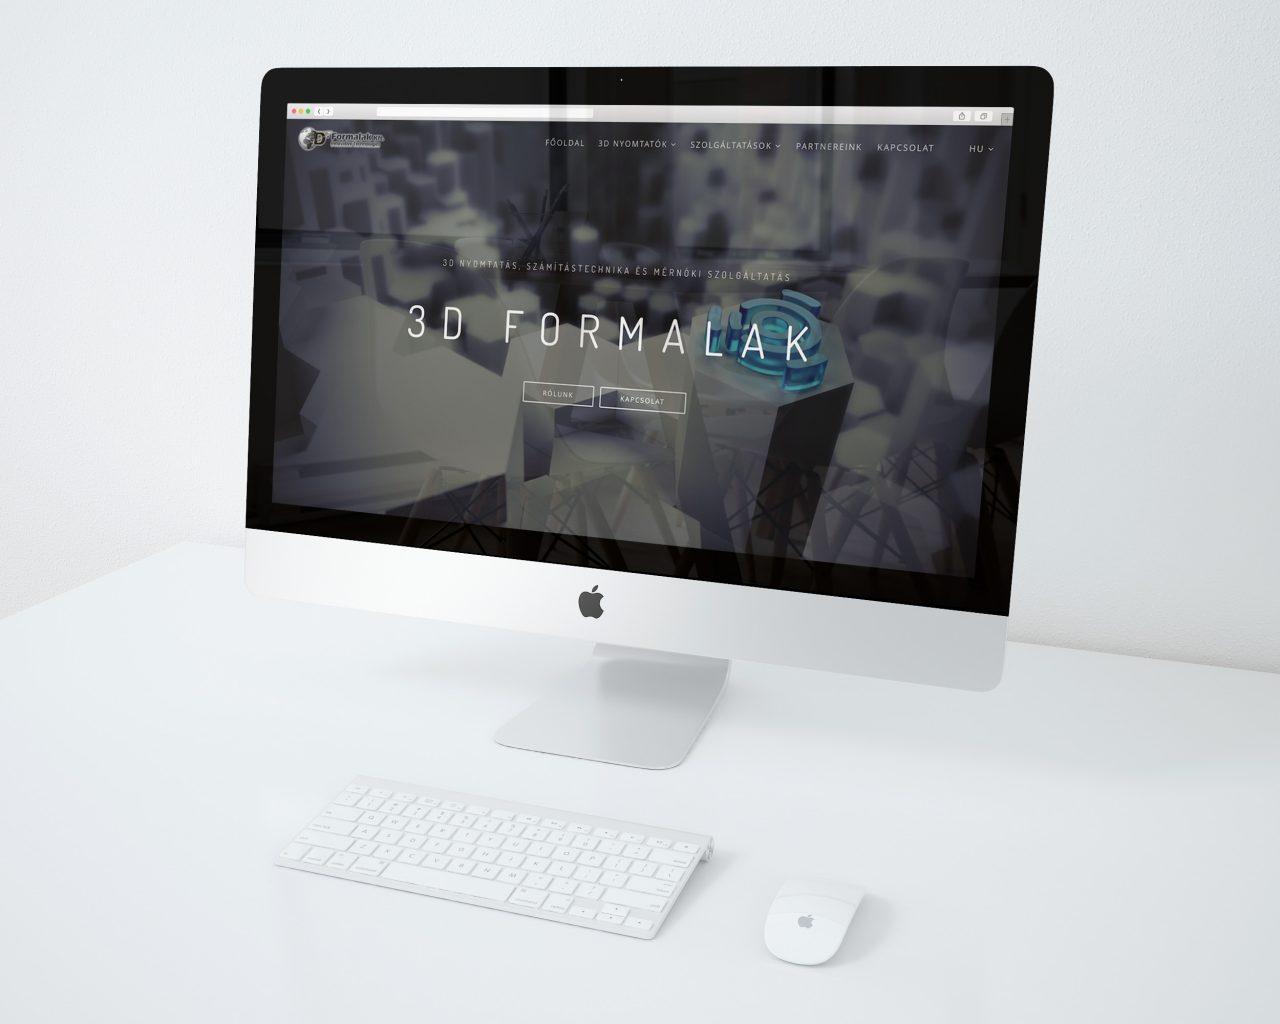 3dformalak-1-e1530415834931 3D Formalak